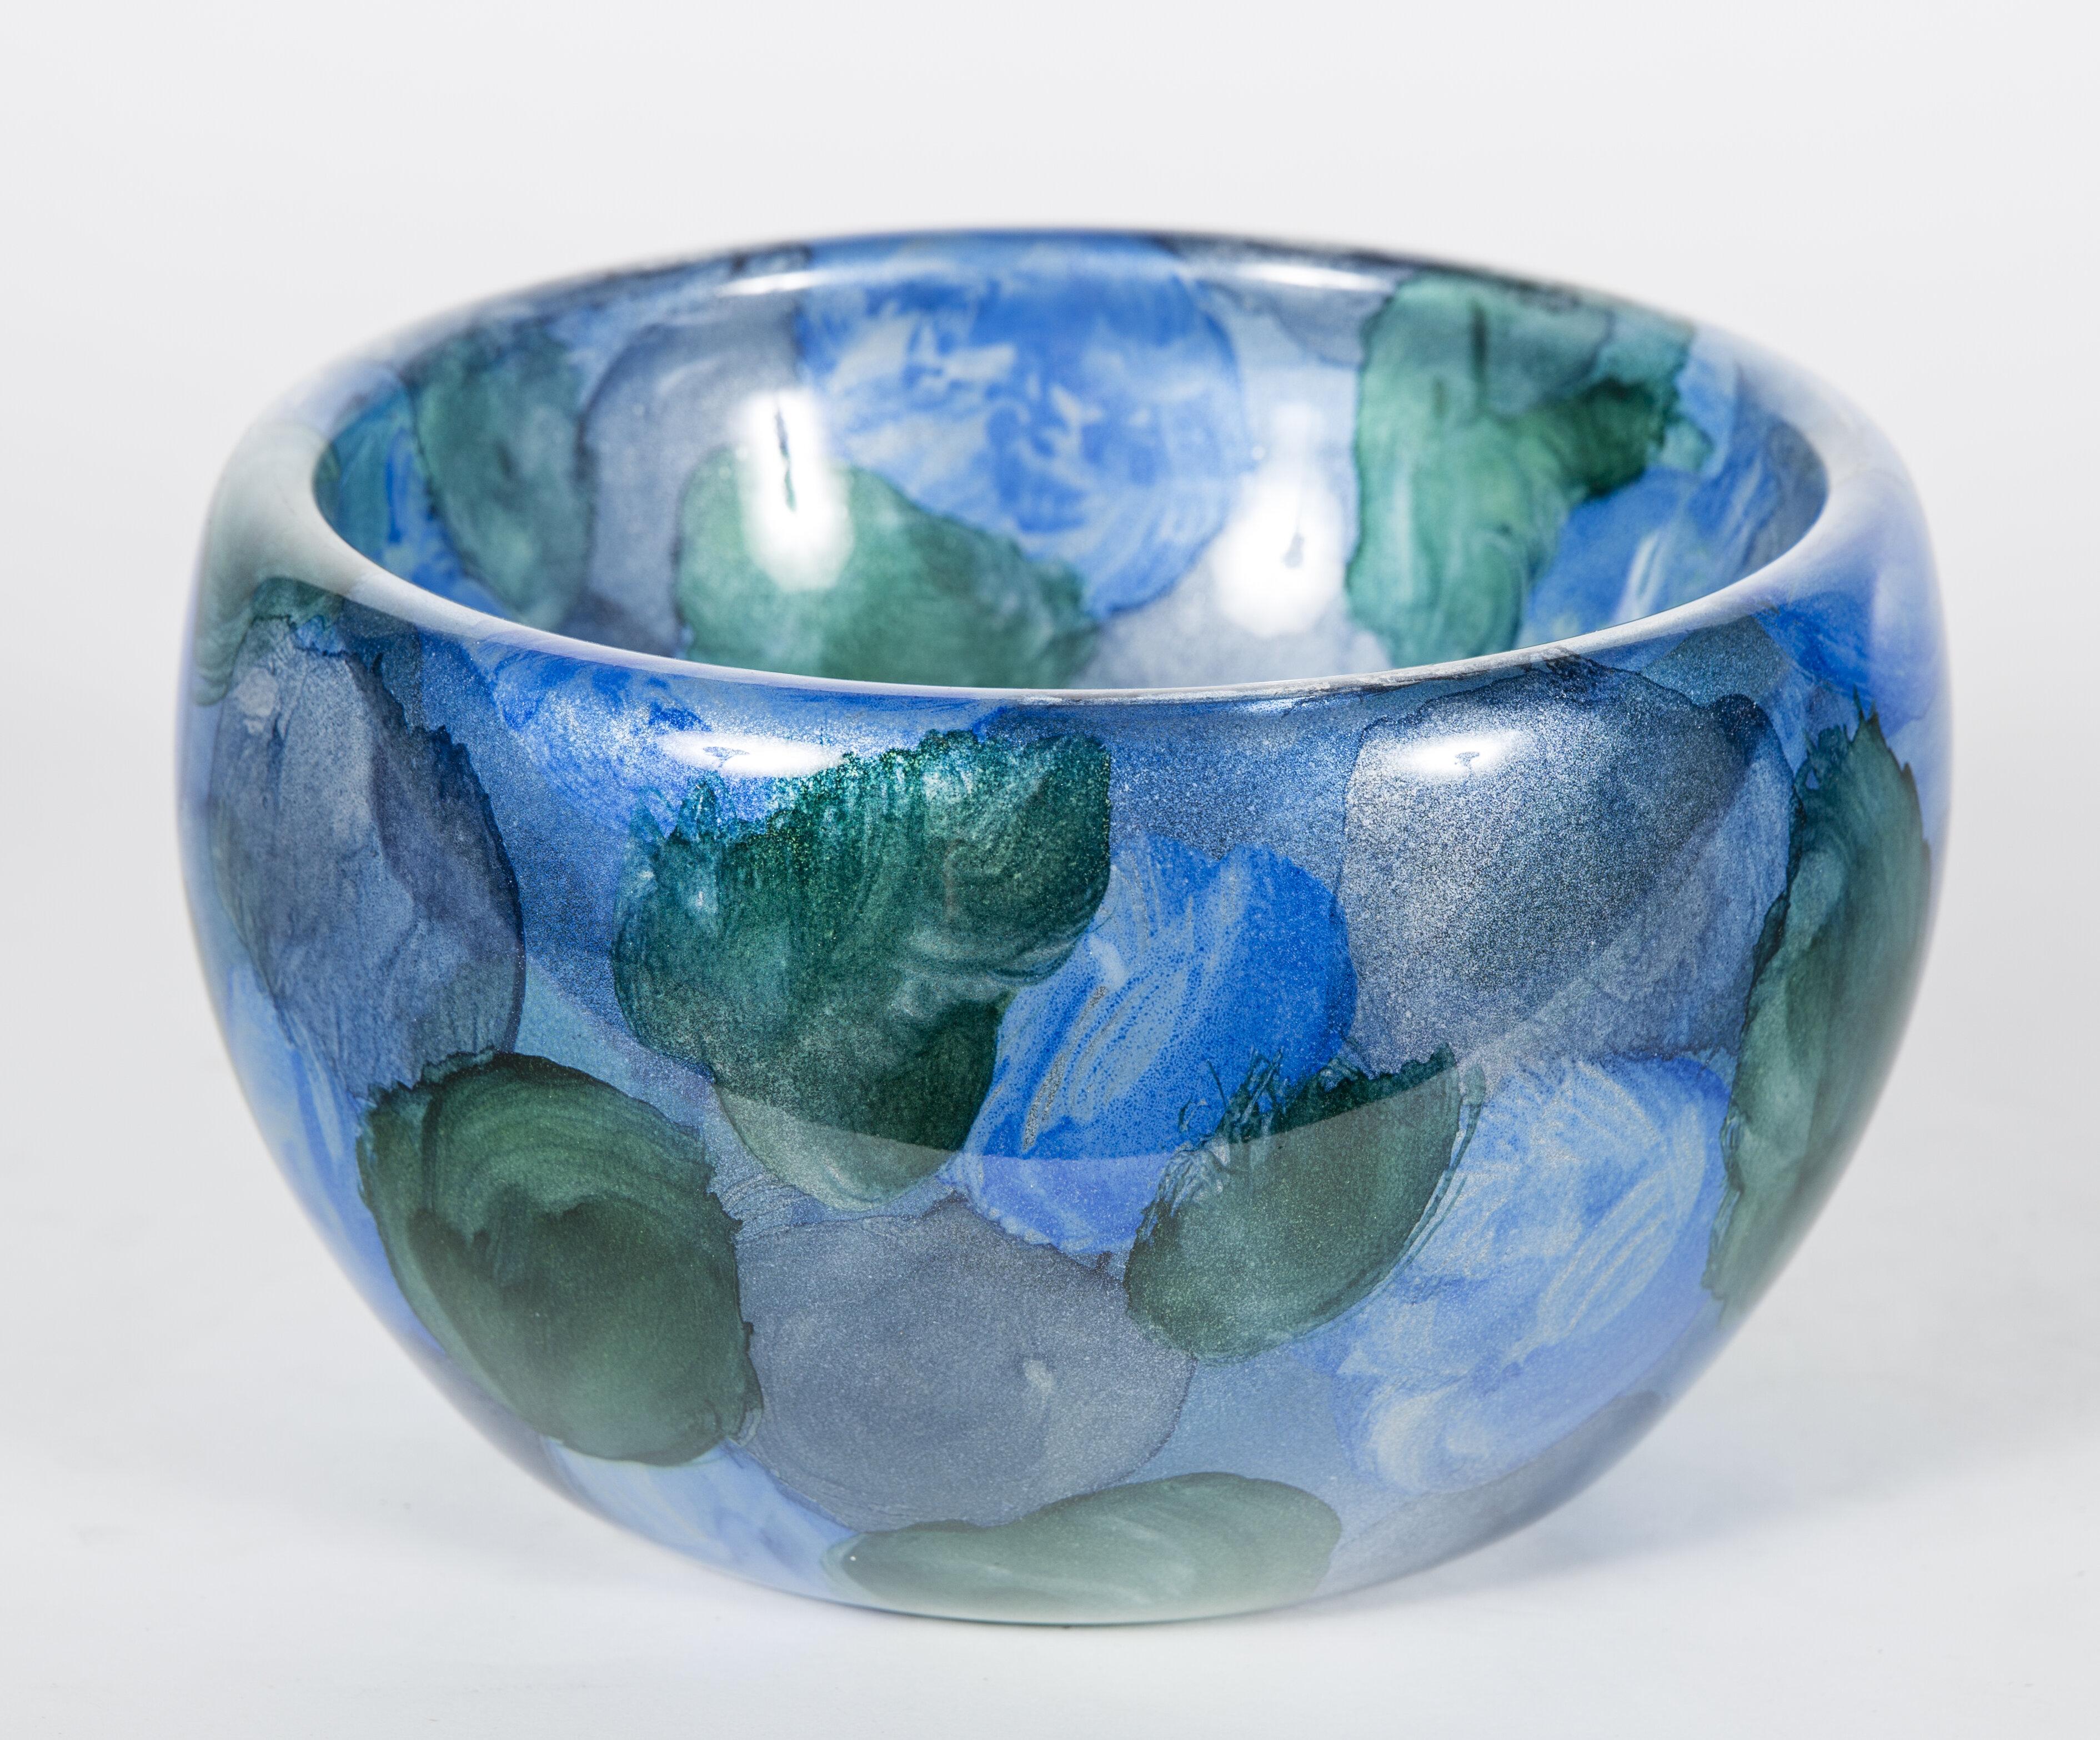 Prima Design Source Glass Decorative Bowl In Gold Black Perigold